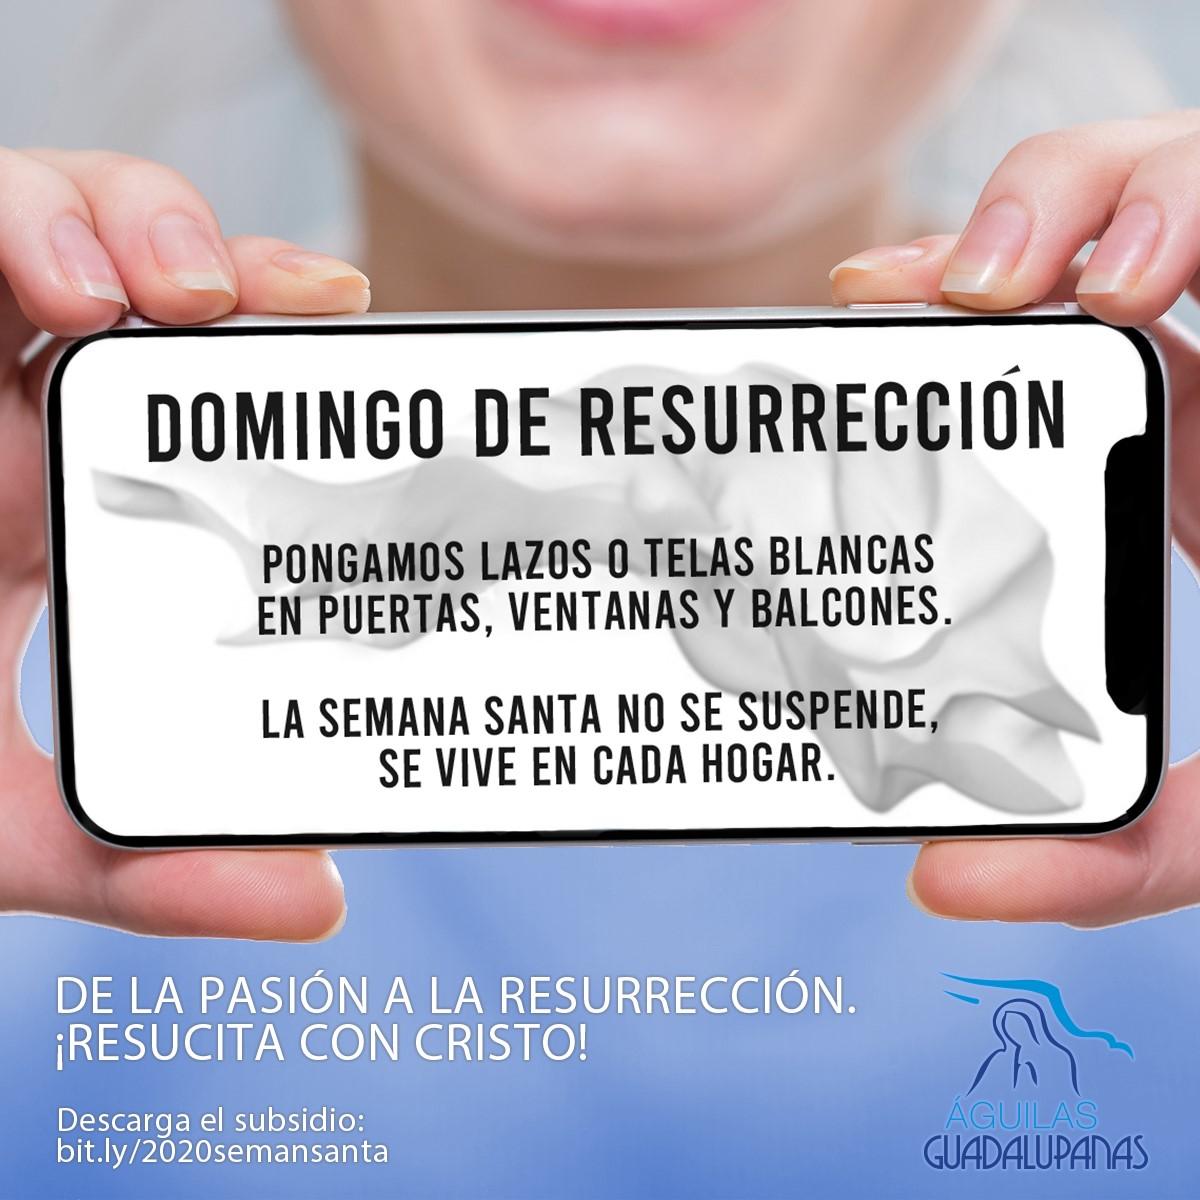 De la pasión al domingo de resurrección